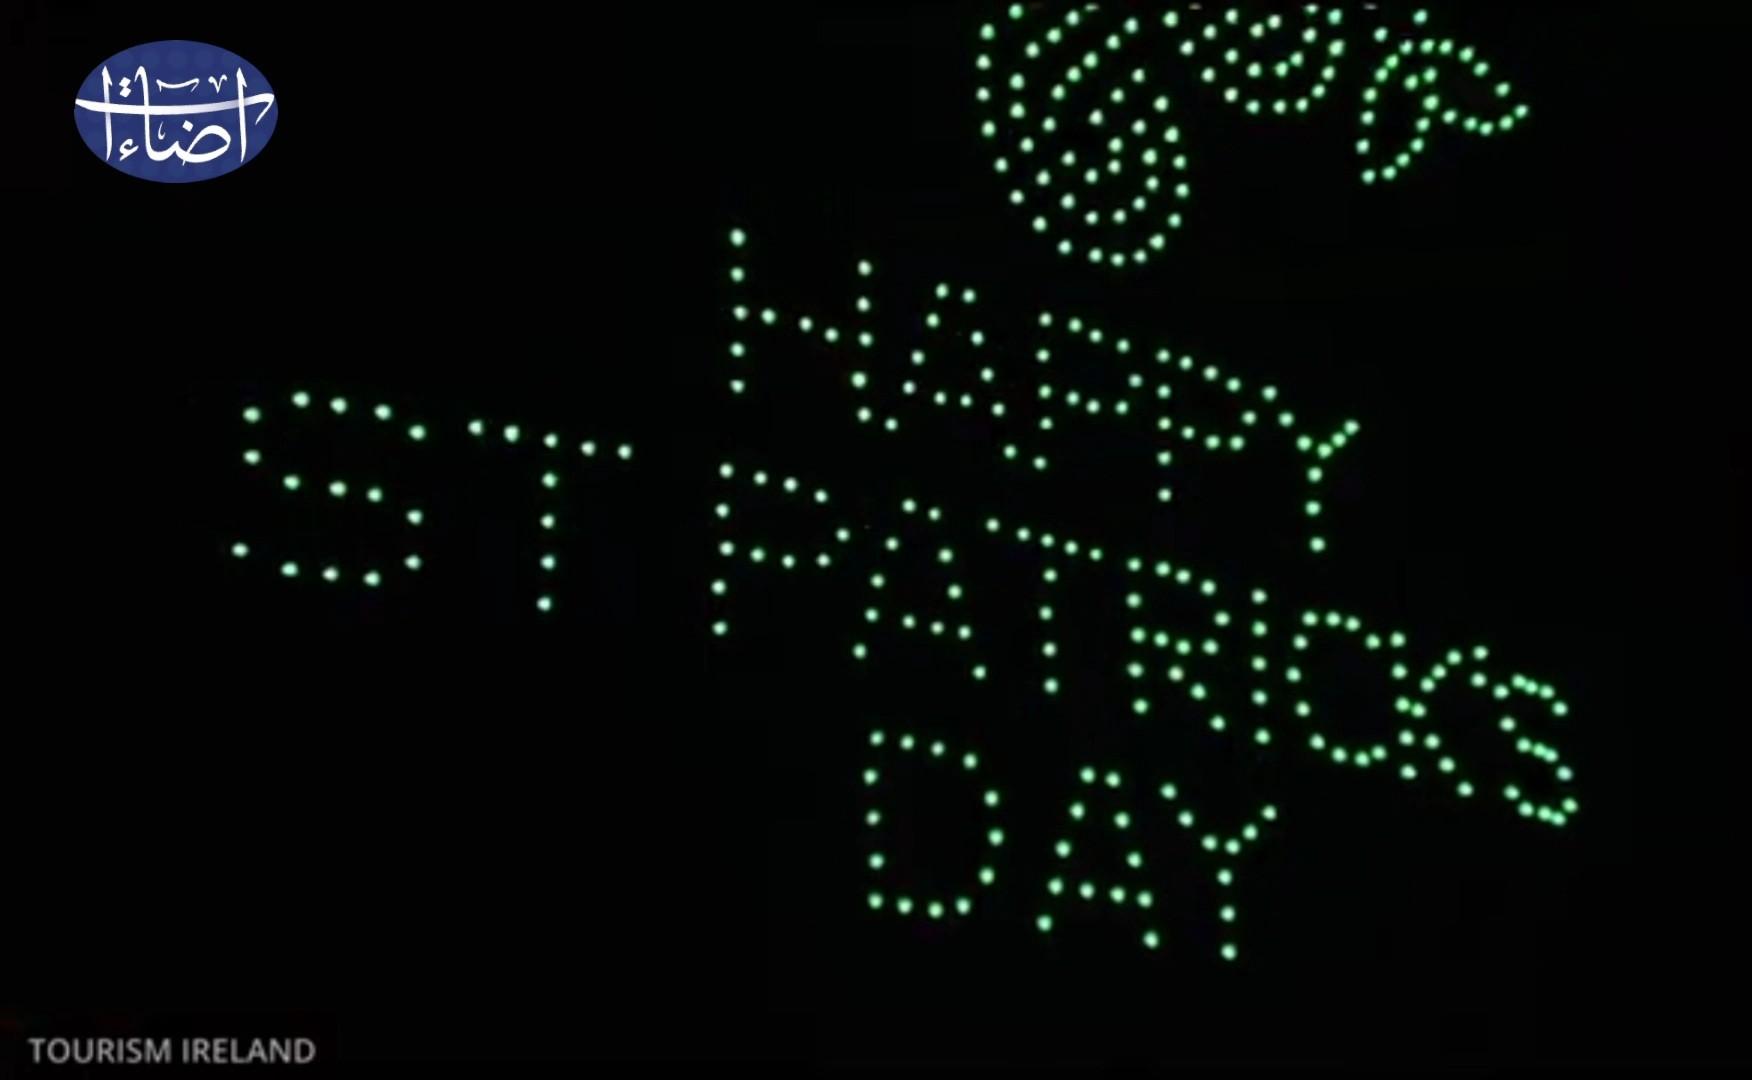 طائرات من دون طيار تضيء سماء ايرلندا احتفالا بعيد القديس باتريك